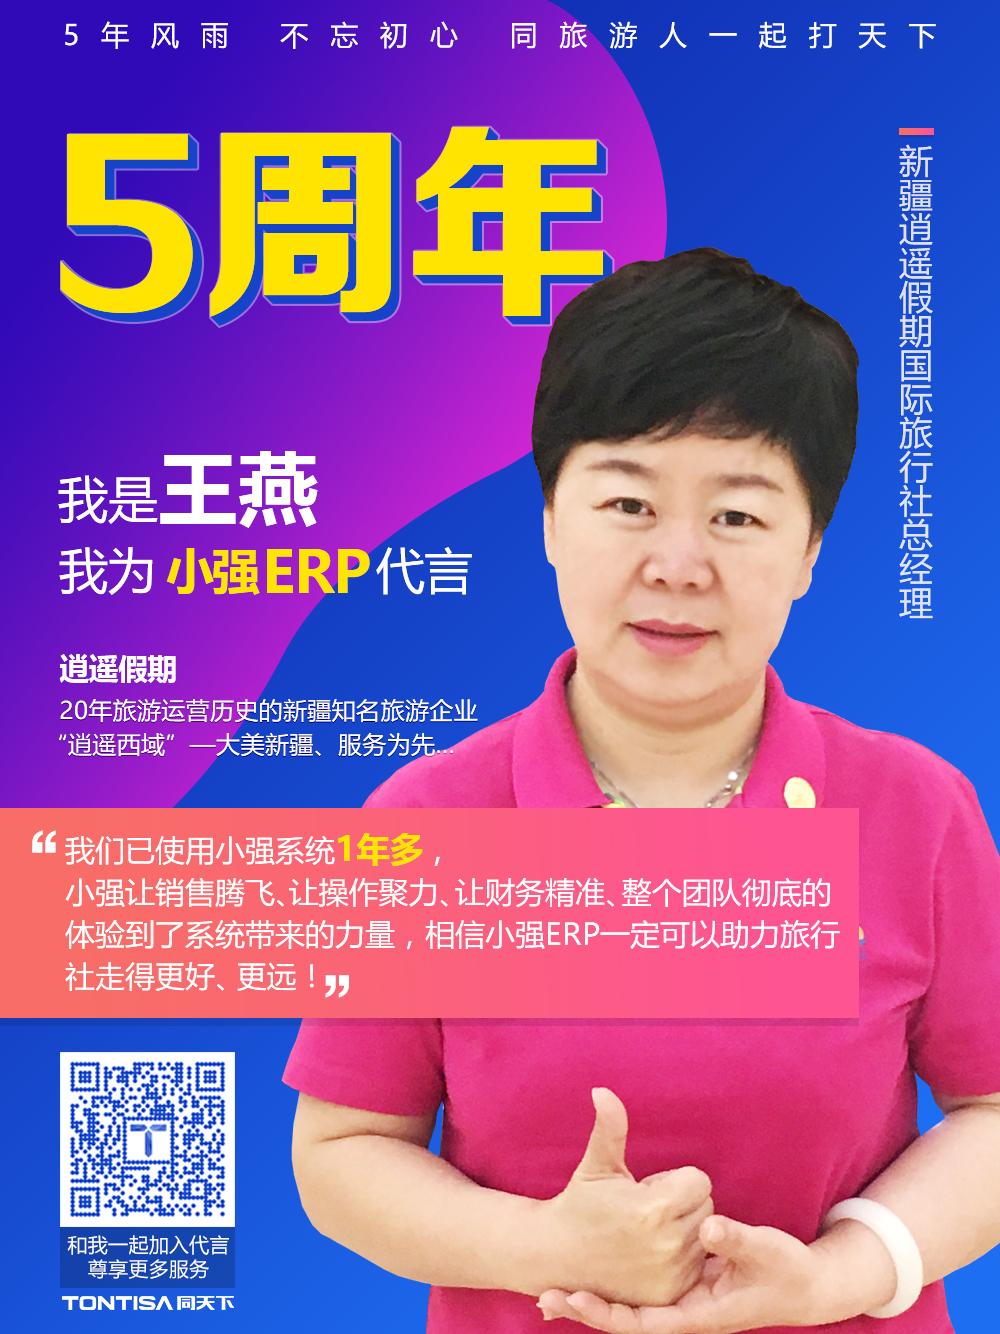 6、五周年系列海报(王燕).jpg